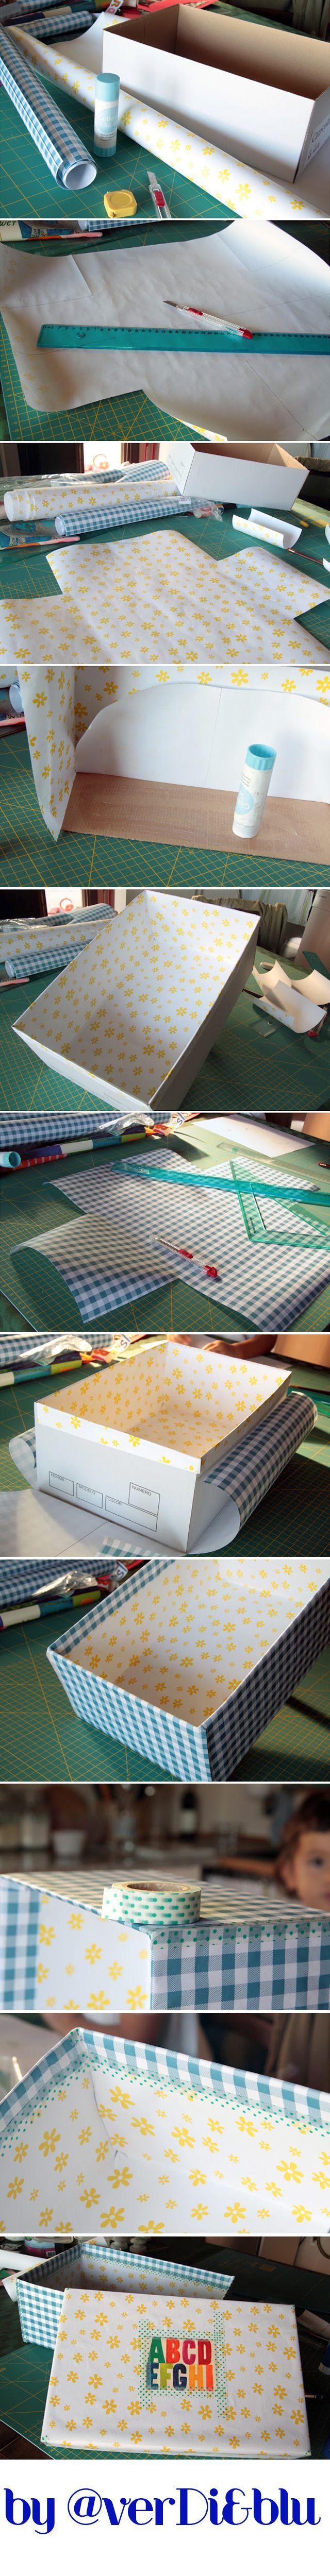 rivestire una scatola di scarpe con la carta |